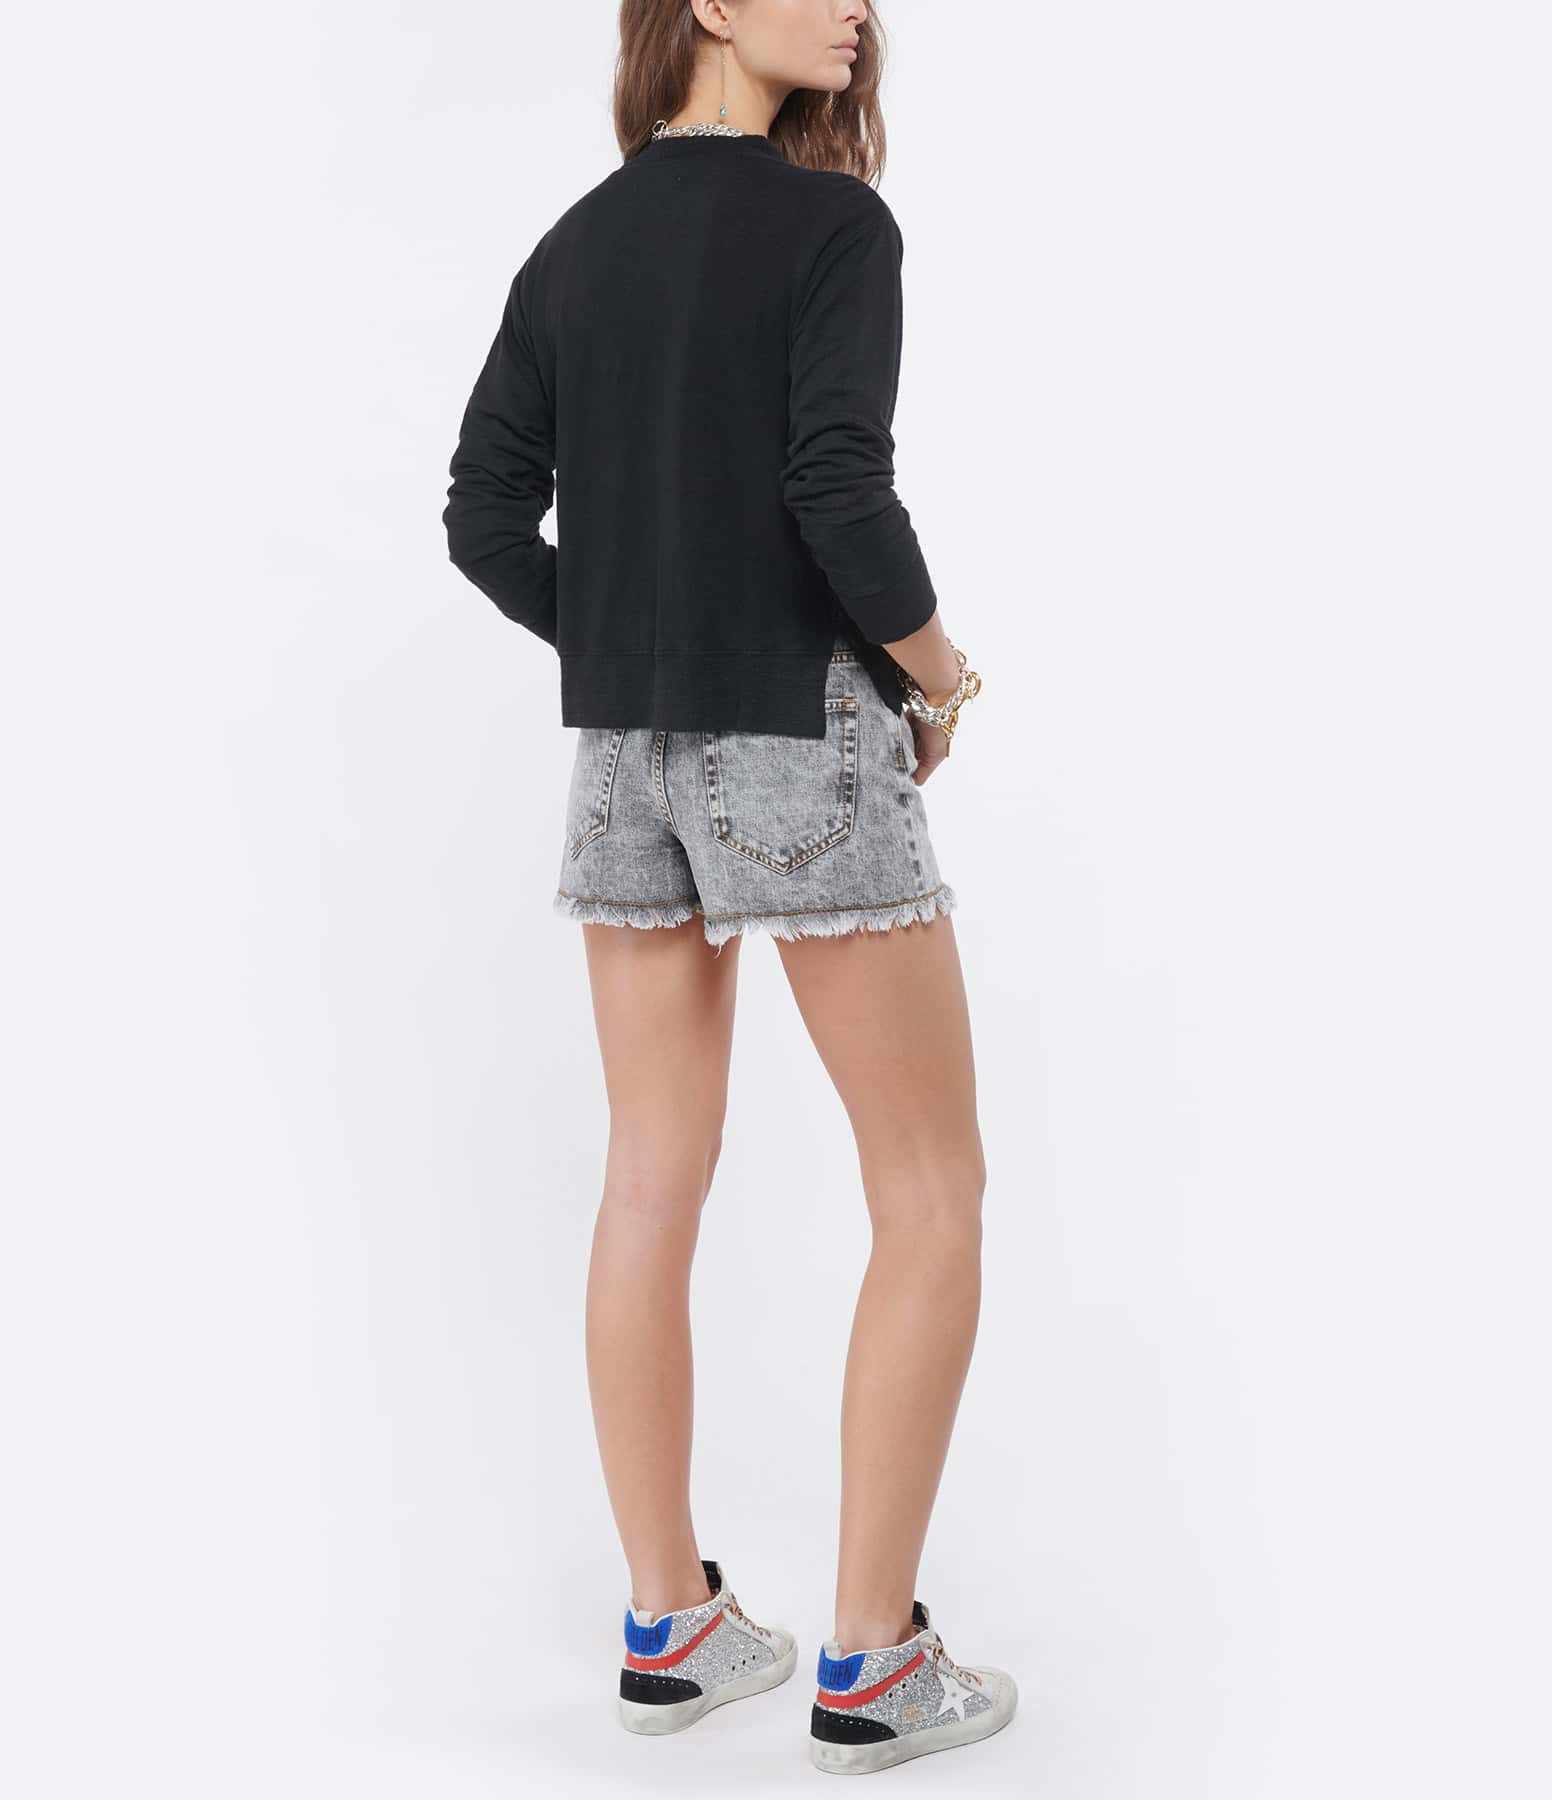 ISABEL MARANT ÉTOILE - Tee-shirt Kilsen Lin Noir